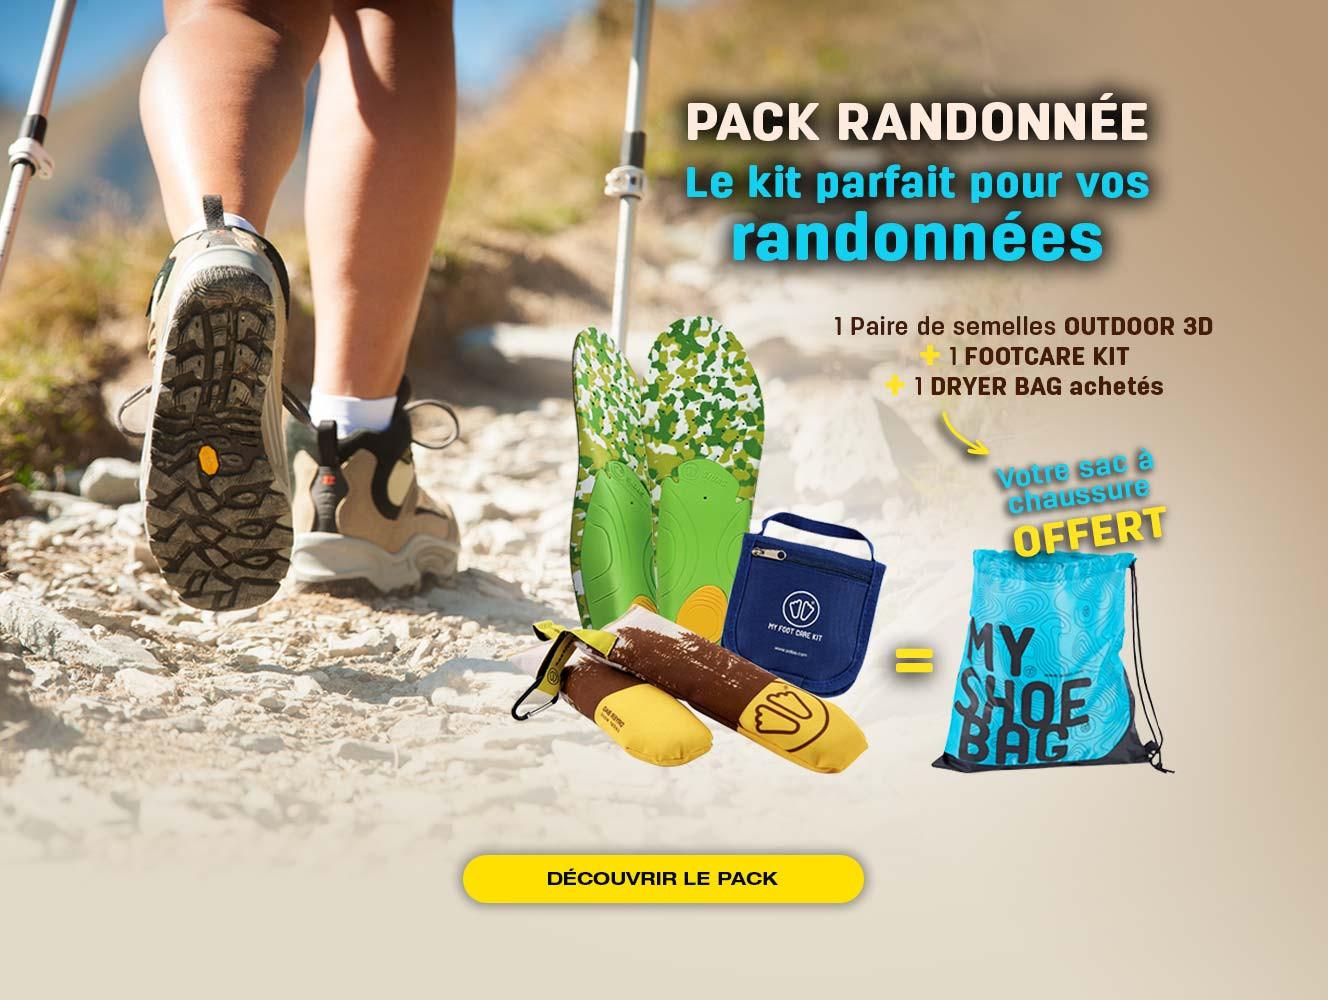 Pour l'achat d'un pack randonnée, nous vous offrons votre sac à chaussures !